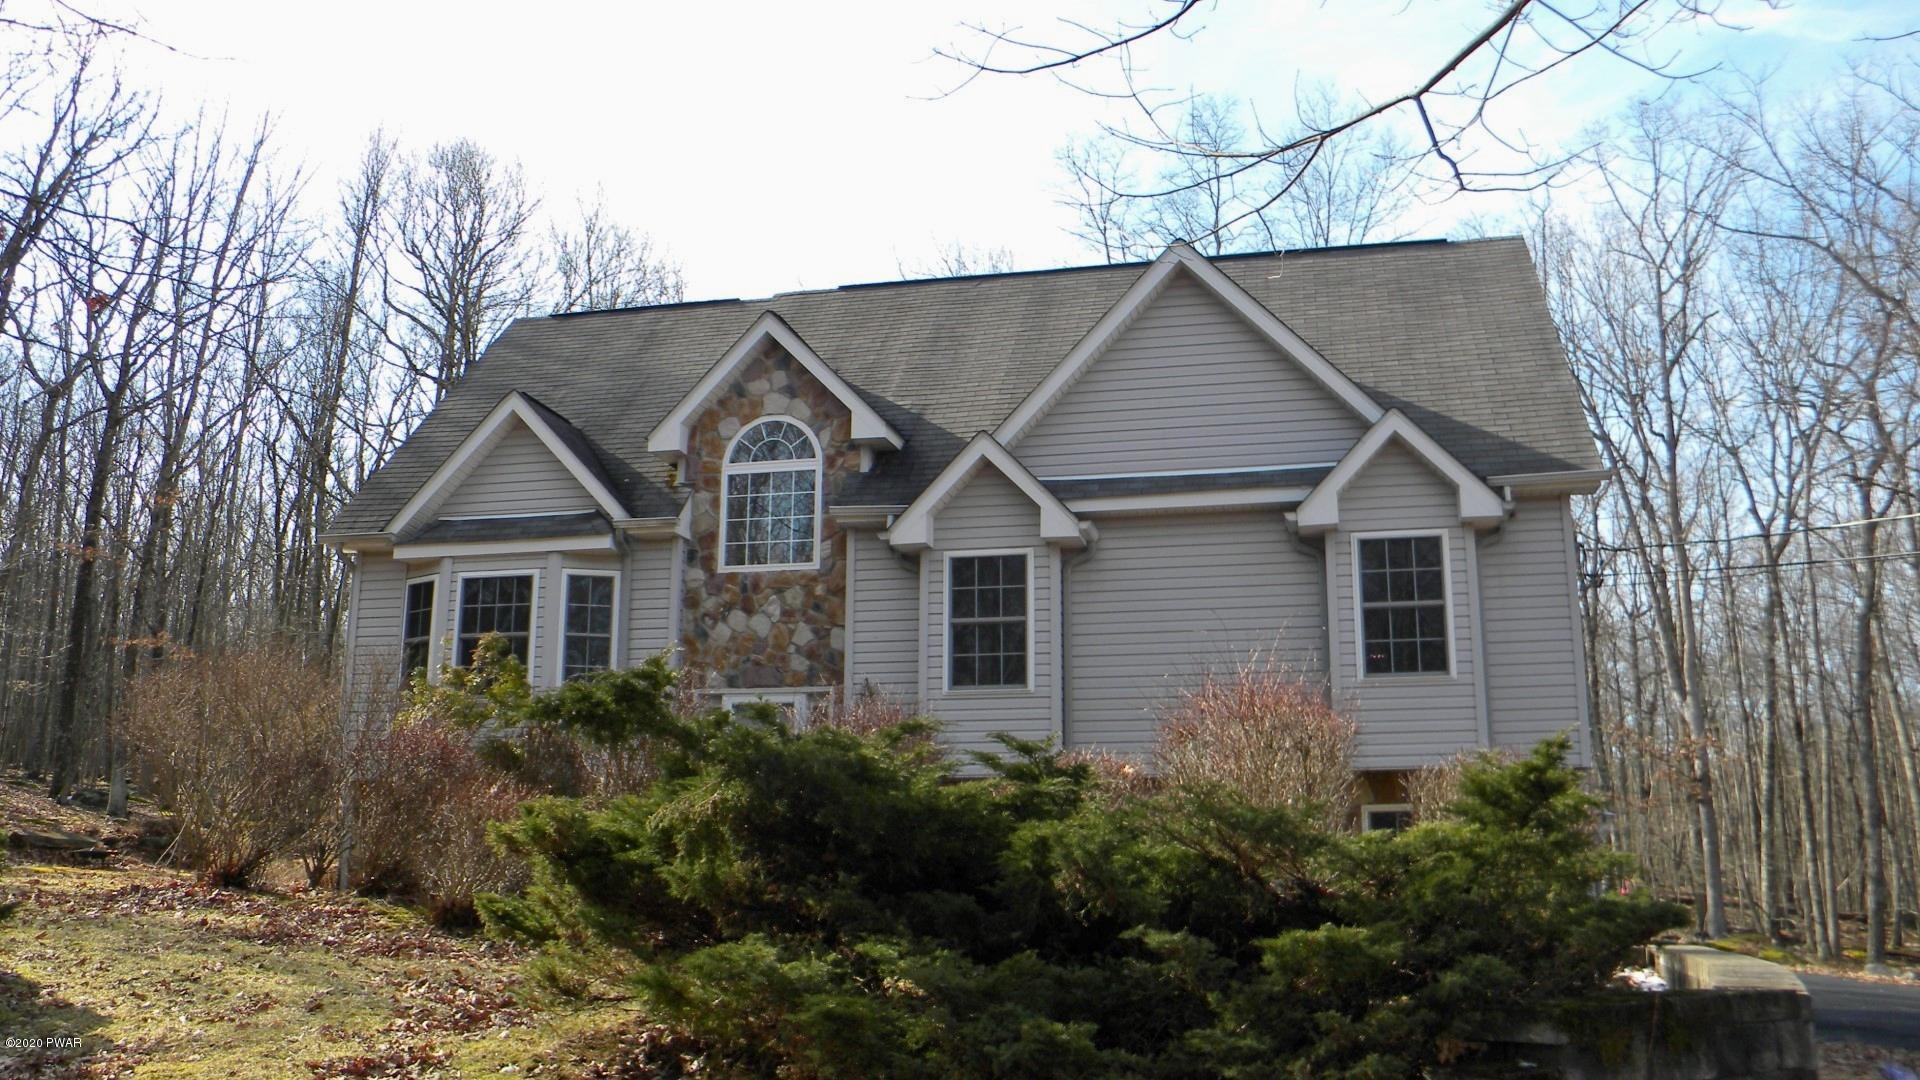 MLS #19-1215 - 1075 Wintergreen Ct Hawley, PA 18428